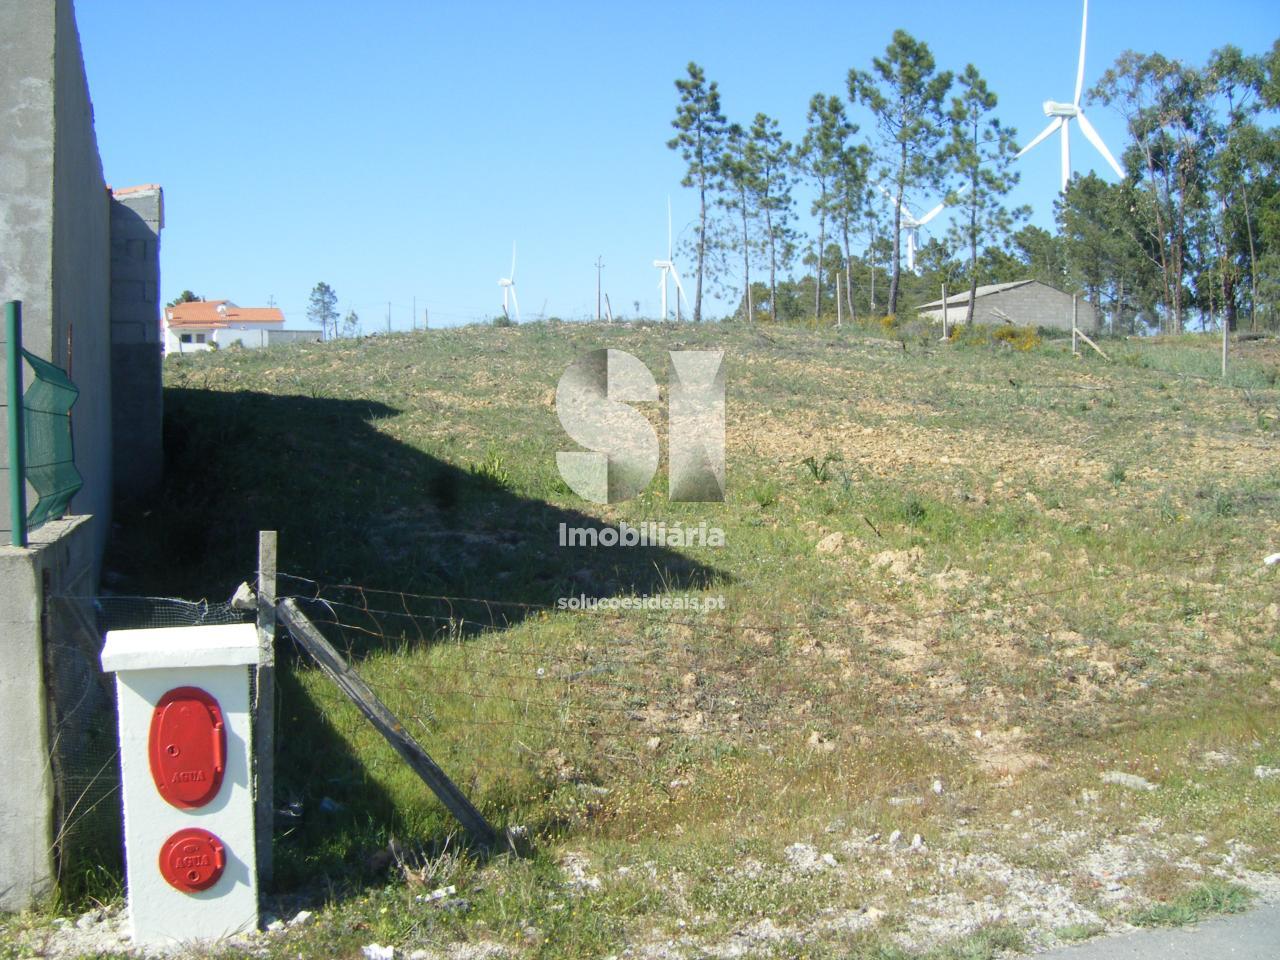 terreno para compra em castelo branco uniao das freguesias de cebolais de cima e retaxo CBZAP229